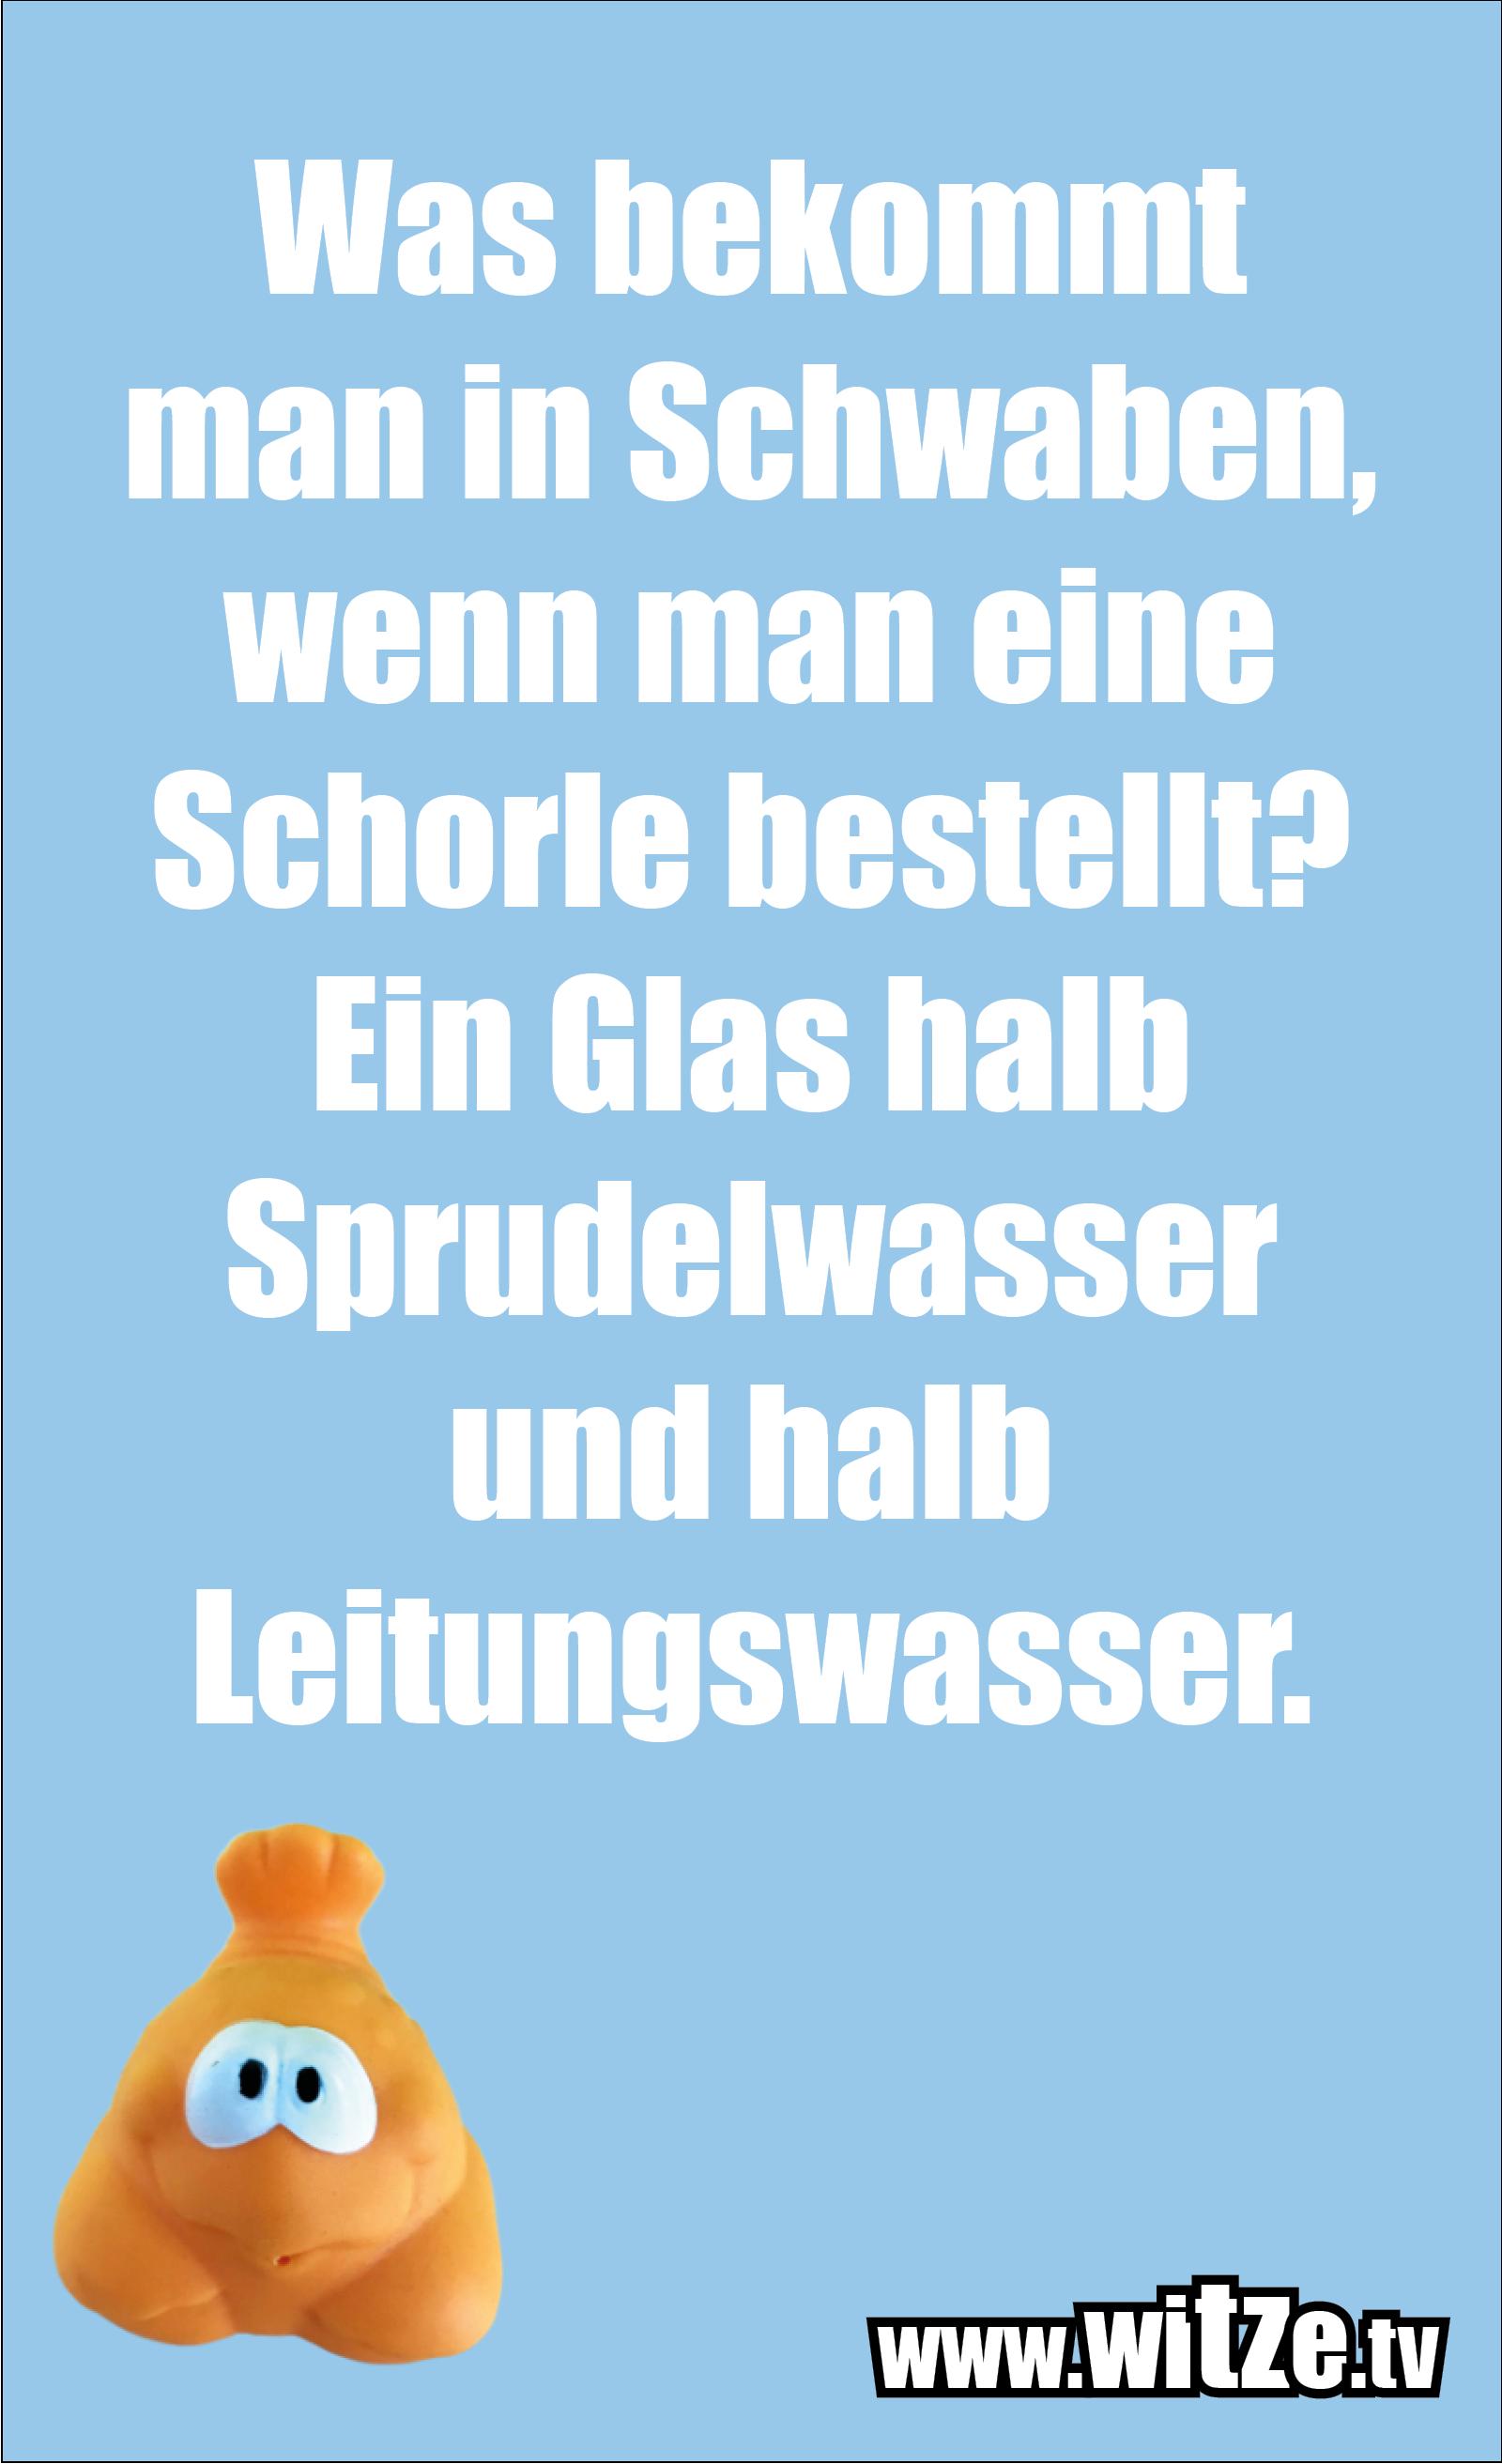 Schwaben Witz… Was bekommt man in Schwaben, wenn man eine Schorle bestellt? Ein Glas halb Sprudelwasser und halb Leitungswasser.